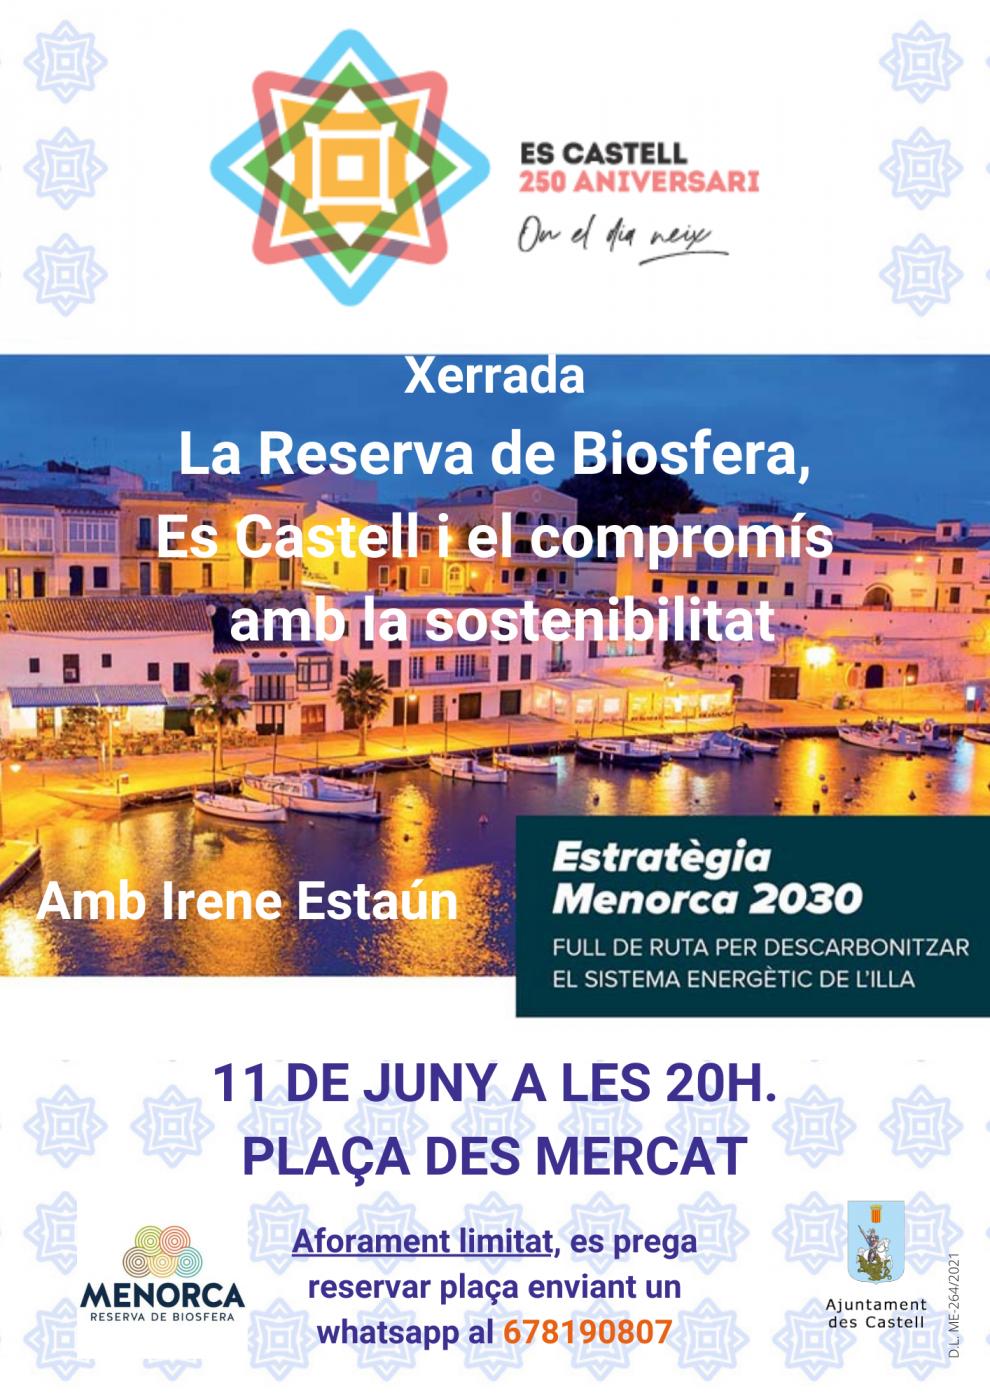 Xerrada sobre la reserva de biosfera de Menorca